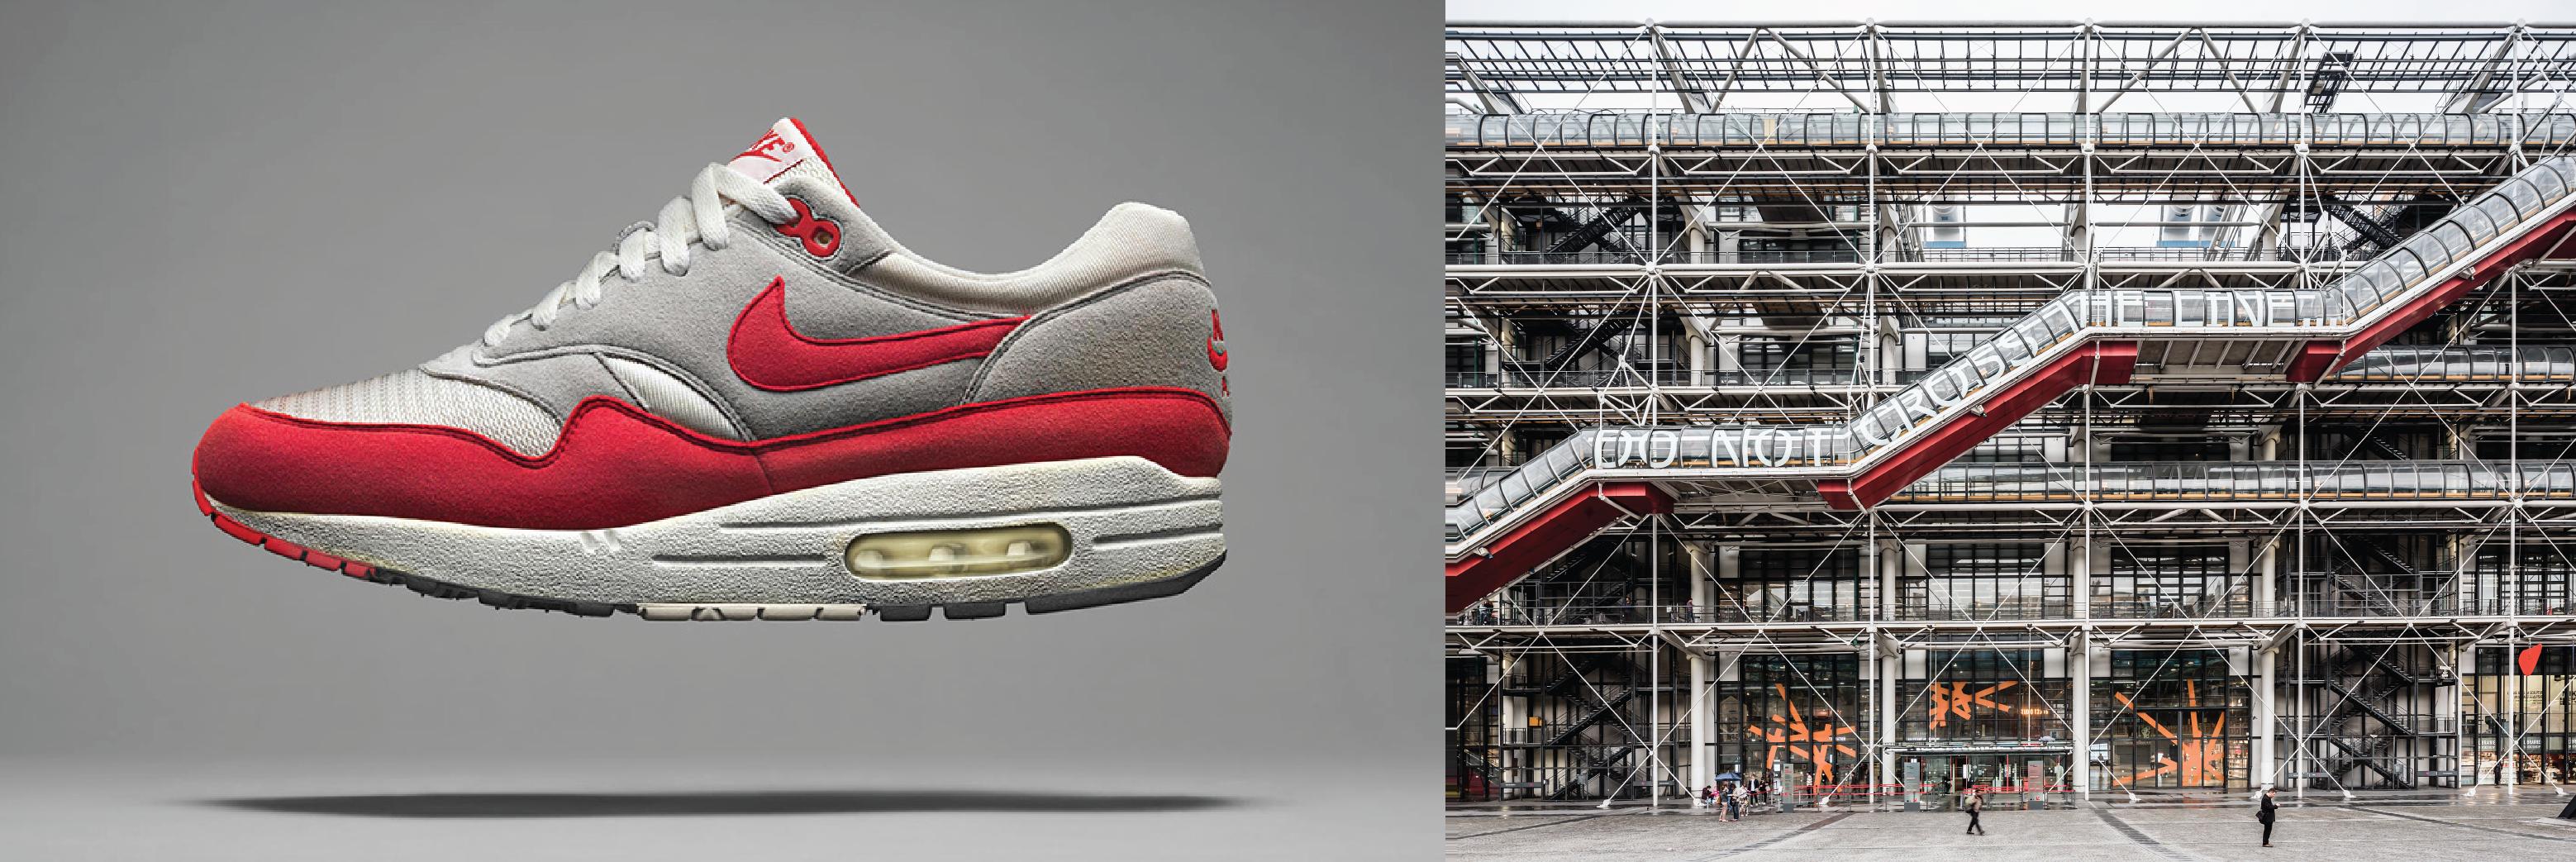 Air Max 1 and Paris Pompidou